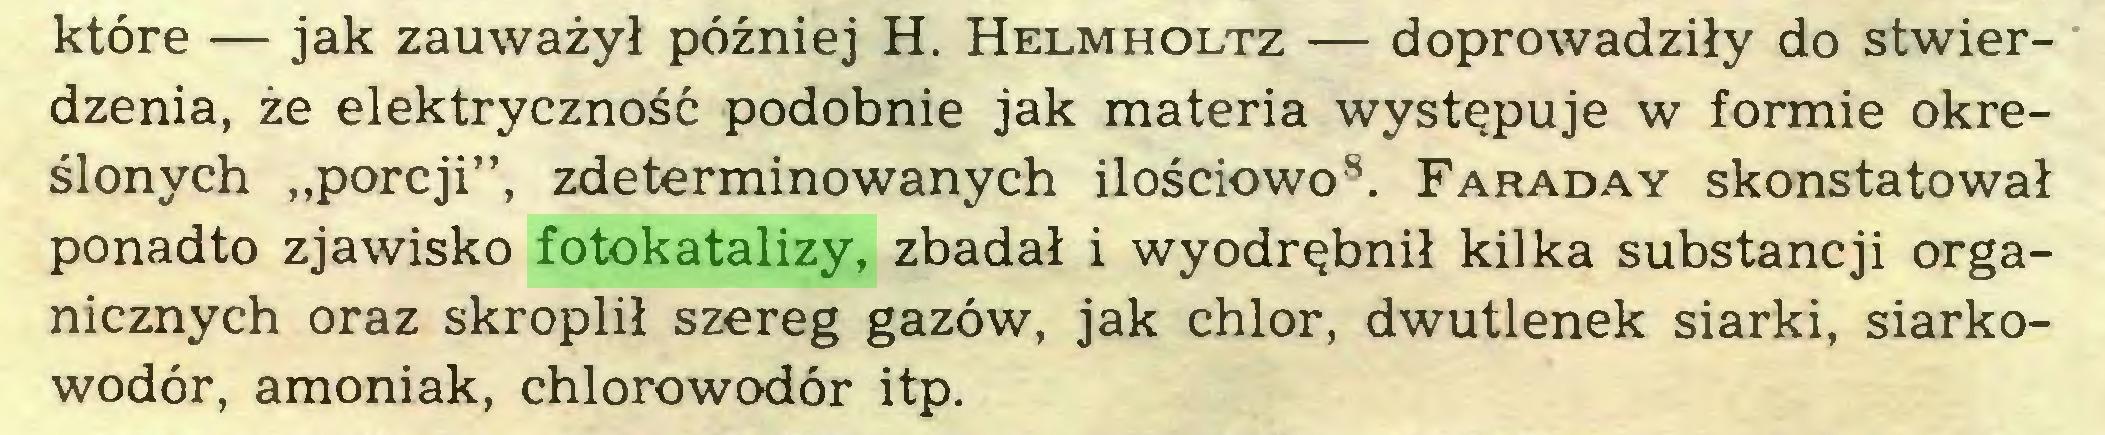 """(...) które — jak zauważył później H. Helmholtz — doprowadziły do stwierdzenia, że elektryczność podobnie jak materia występuje w formie określonych """"porcji"""", zdeterminowanych ilościowo8. Faraday skonstatował ponadto zjawisko fotokatalizy, zbadał i wyodrębnił kilka substancji organicznych oraz skroplił szereg gazów, jak chlor, dwutlenek siarki, siarkowodór, amoniak, chlorowodór itp..."""